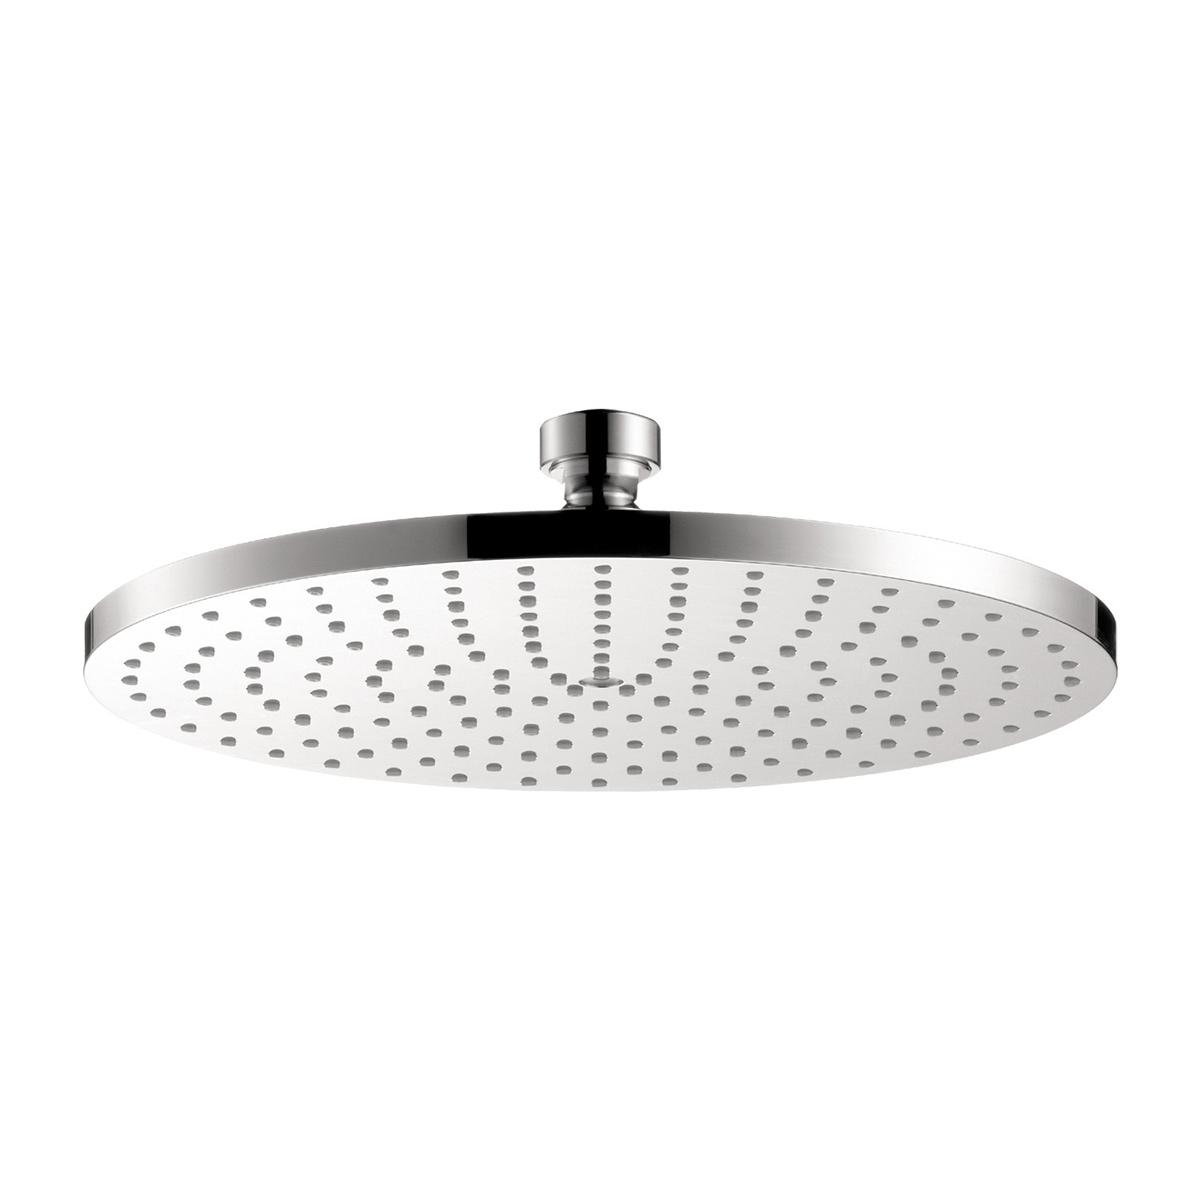 Bath4All - Hansgrohe 28494001 Chrome Axor Rain 2.5 GPM Shower Head